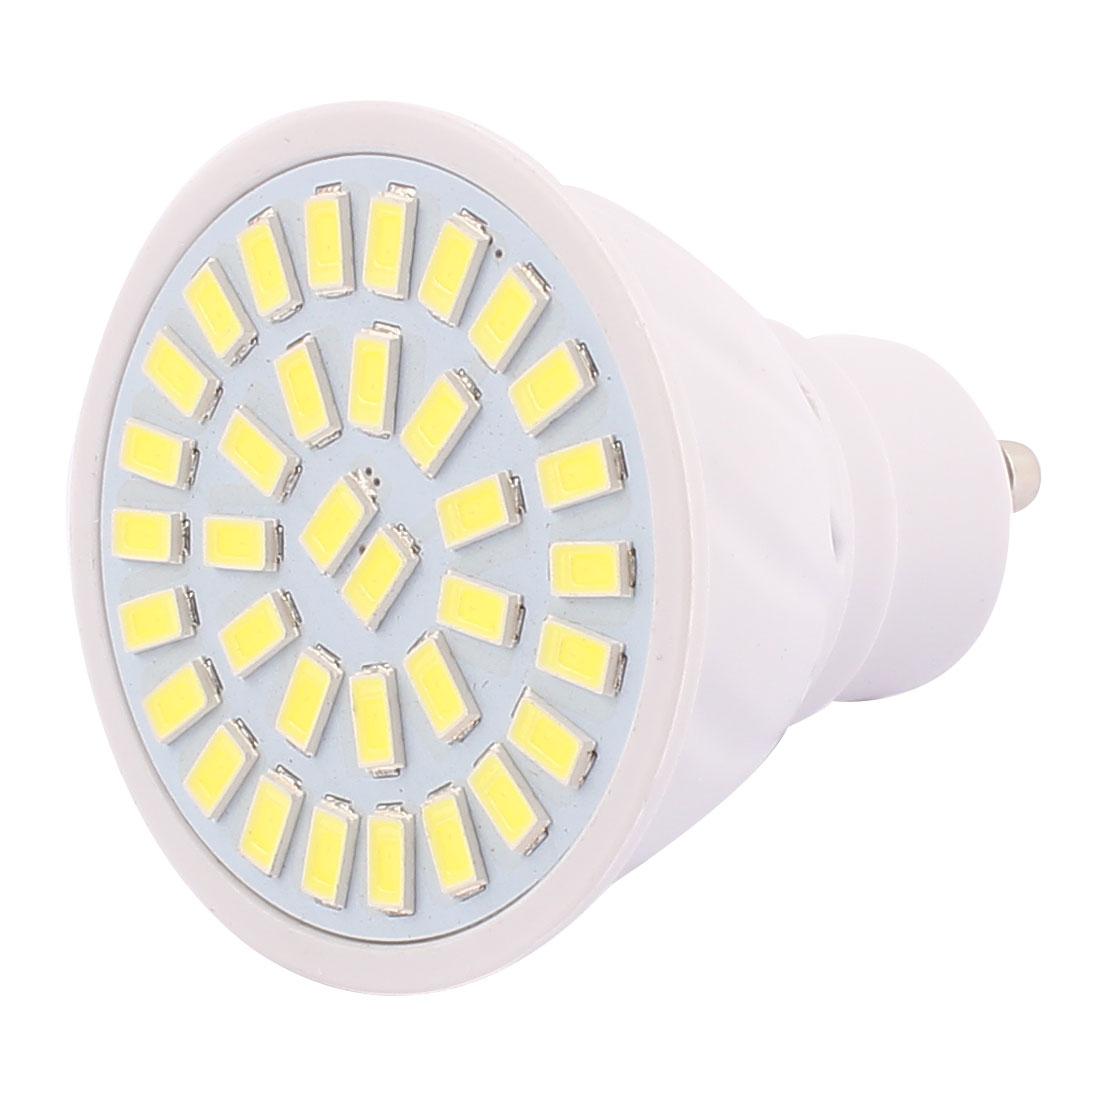 220V GU10 LED Light 5W 5730 SMD 35 LEDs Spotlight Down Lamp Bulb Cool White